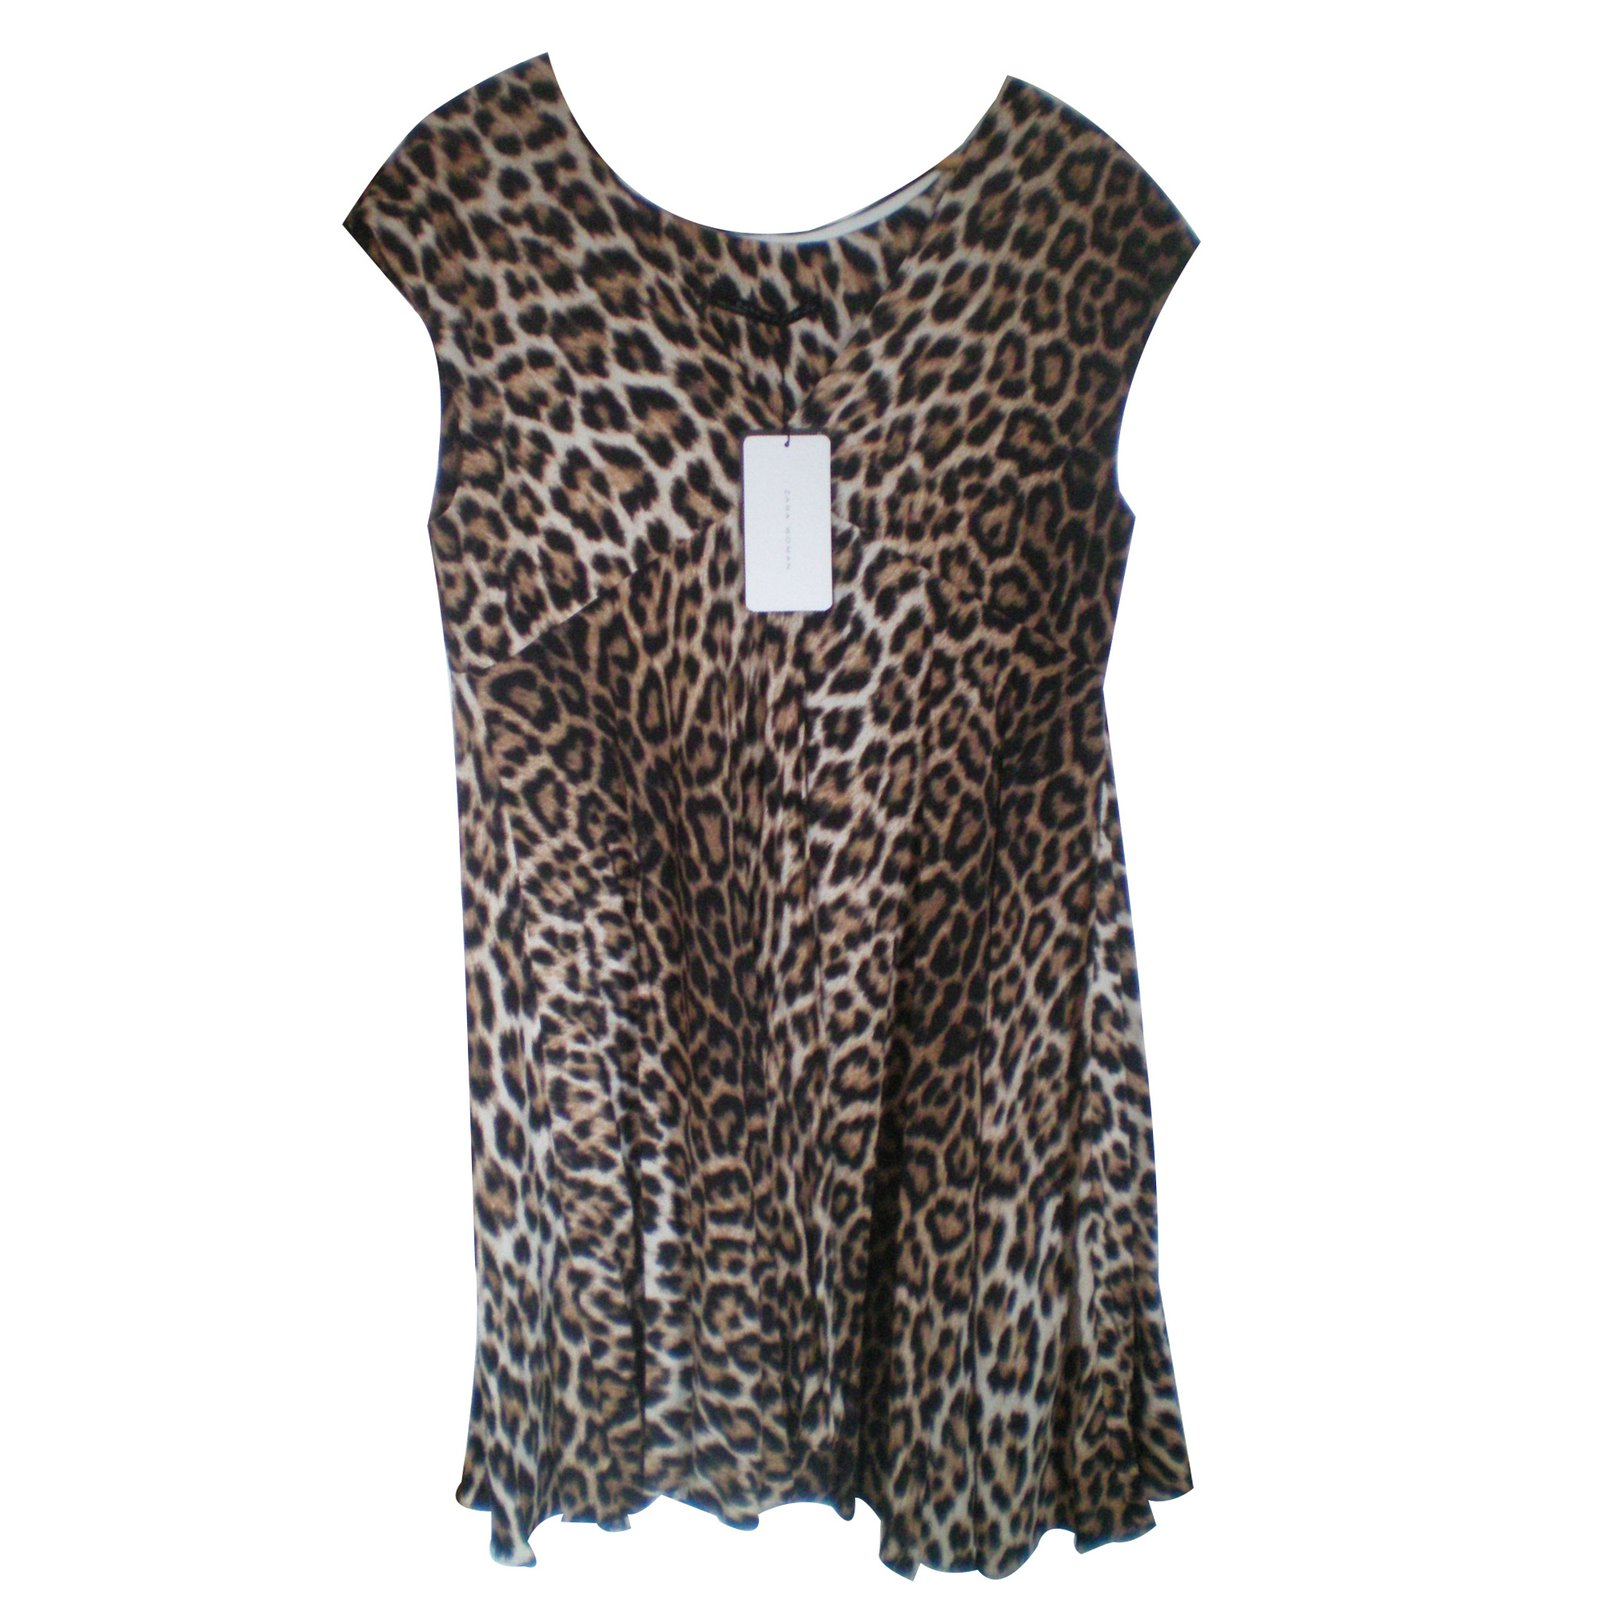 85a5e40970b Robe zara imprime leopard – Modèles populaires de robes